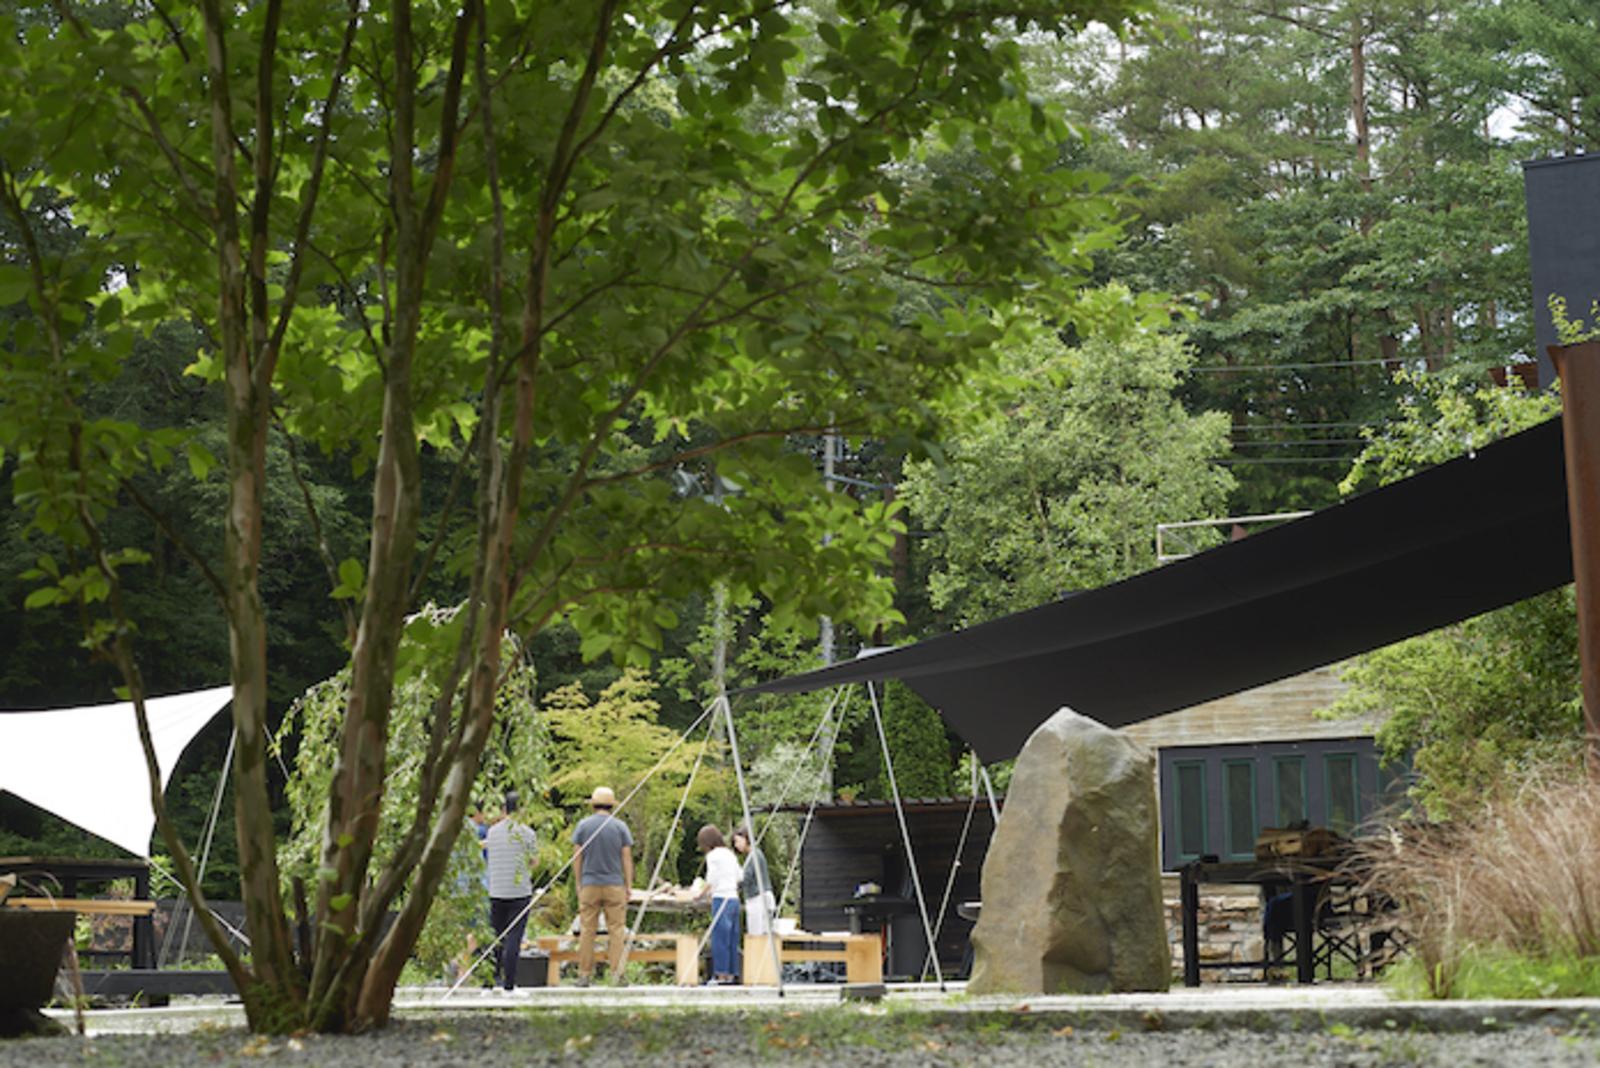 【旅するソトレシピ】山梨県富士山麓編/豪華なスタジオハウスでジビエを郷土料理で楽しむ